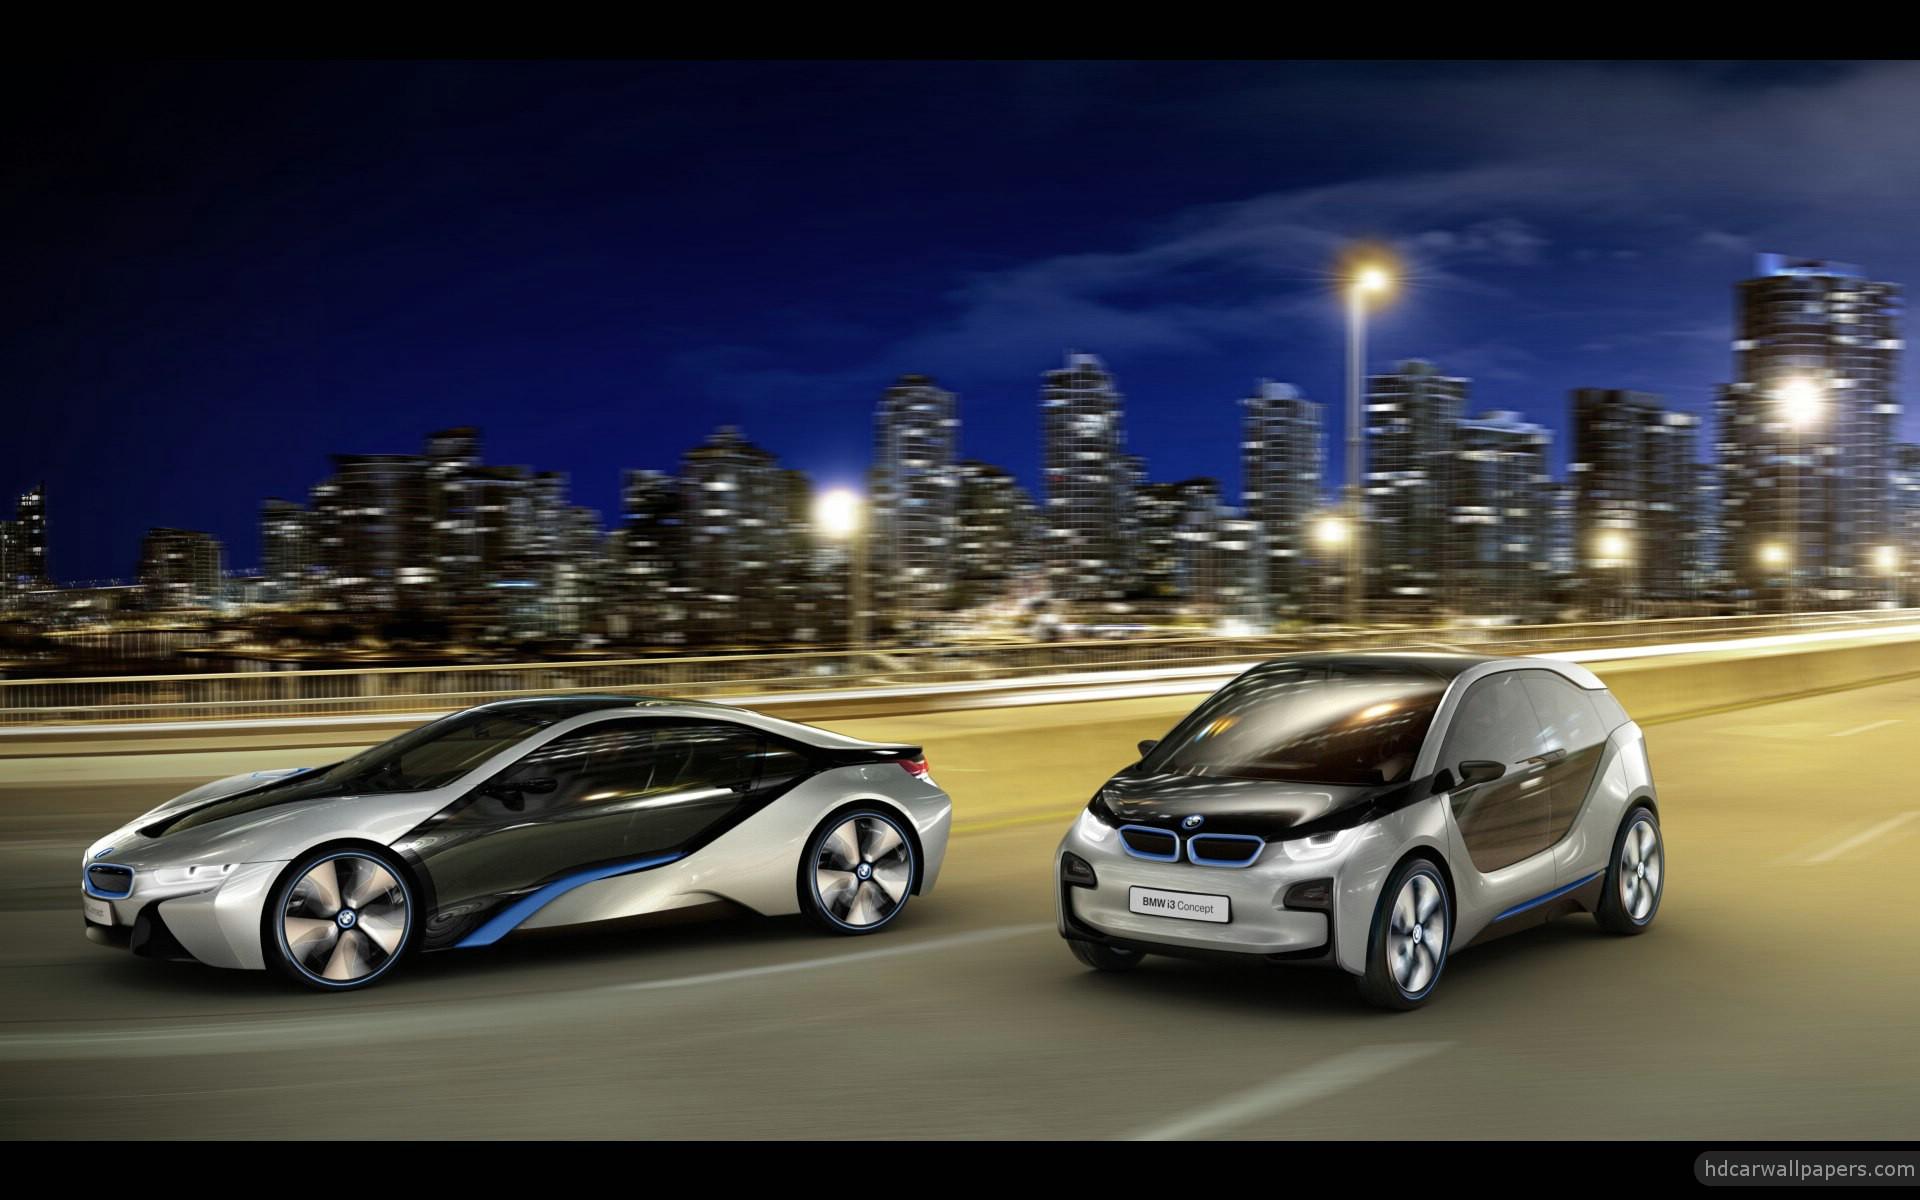 2012 Bmw I8 Amp I3 Concept Cars 3 Wallpaper Hd Car Wallpapers